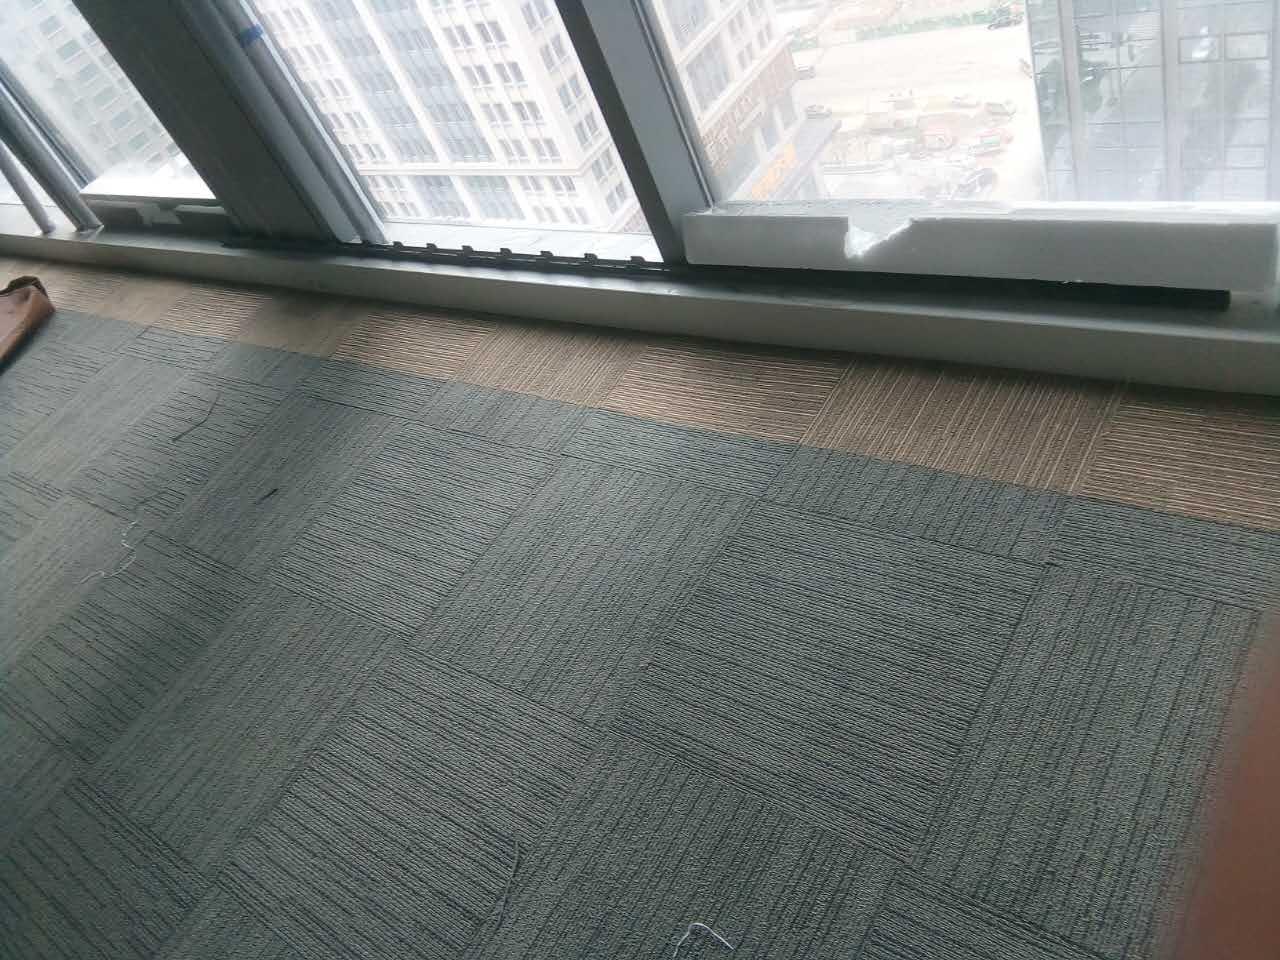 煙臺塑膠地板 煙臺LG塑膠地板批發